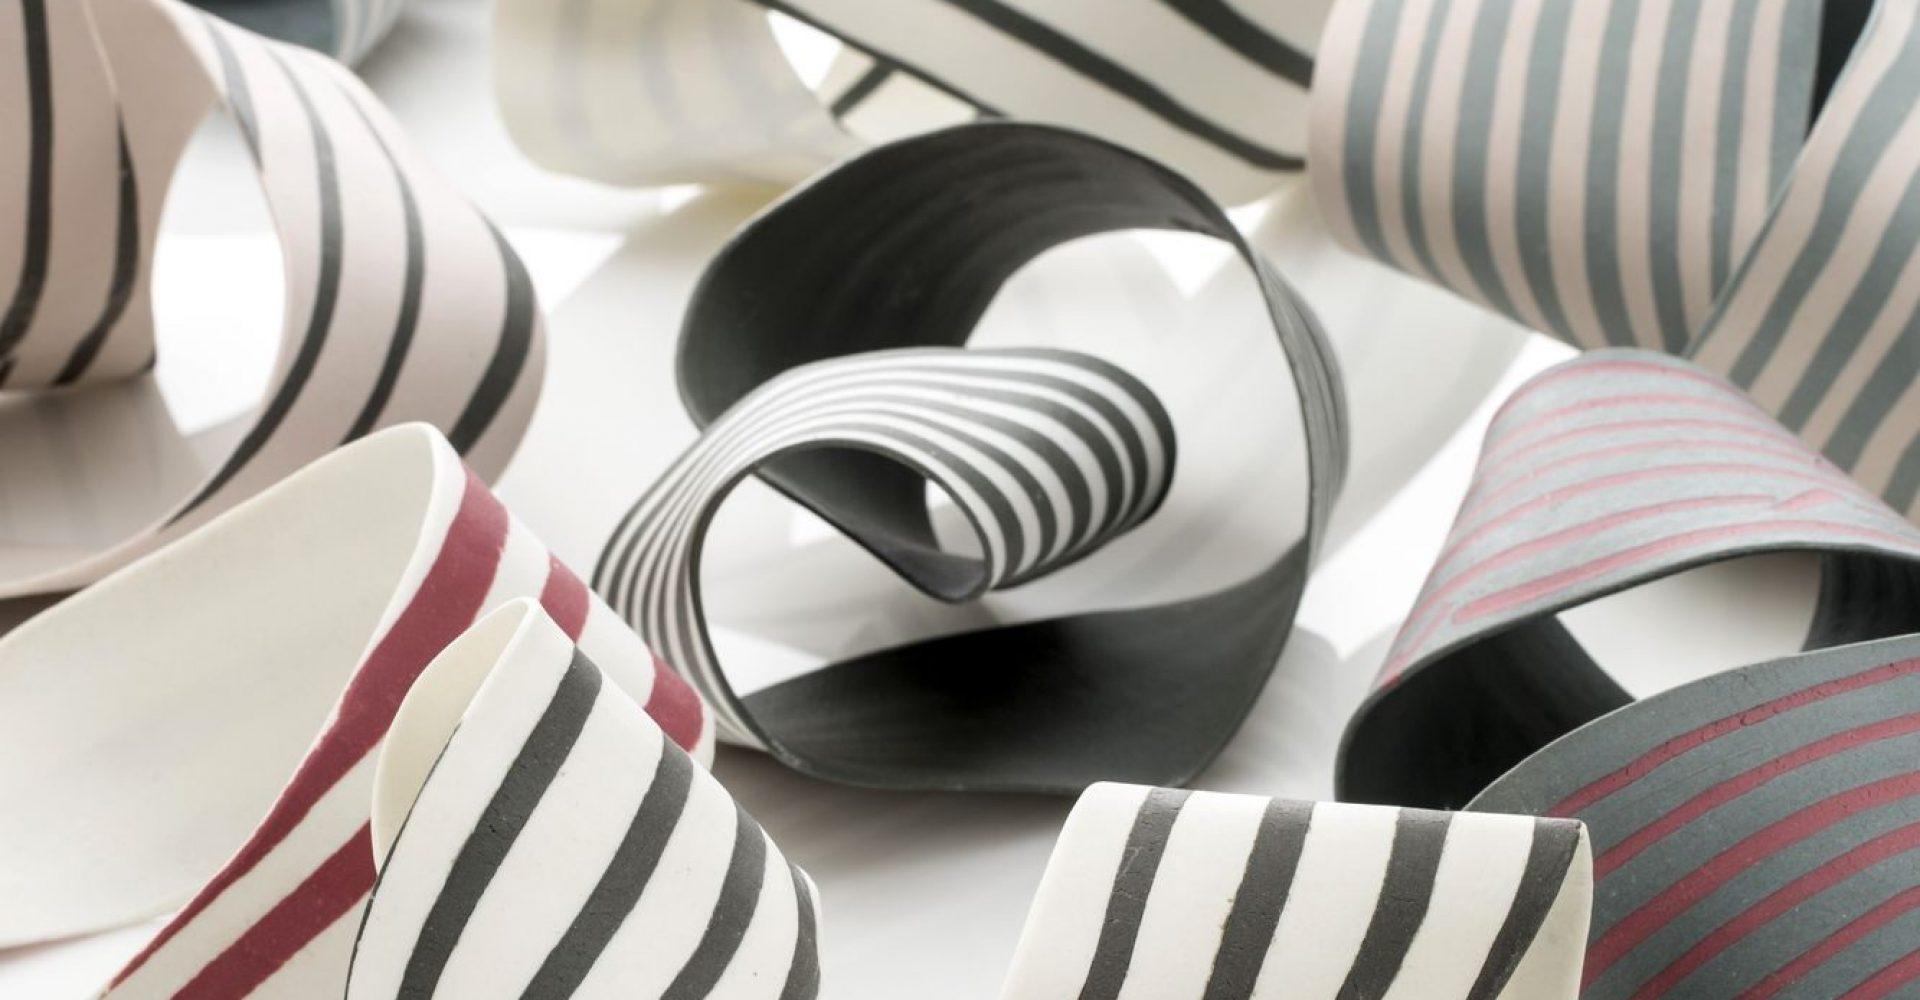 http://schlagenhauf-ceramique.com/wp-content/uploads/2018/02/Daniela-Serie-_-pieces-uniques-2018-I2B9781-1333x2000-e1519759965815-1920x1000.jpg